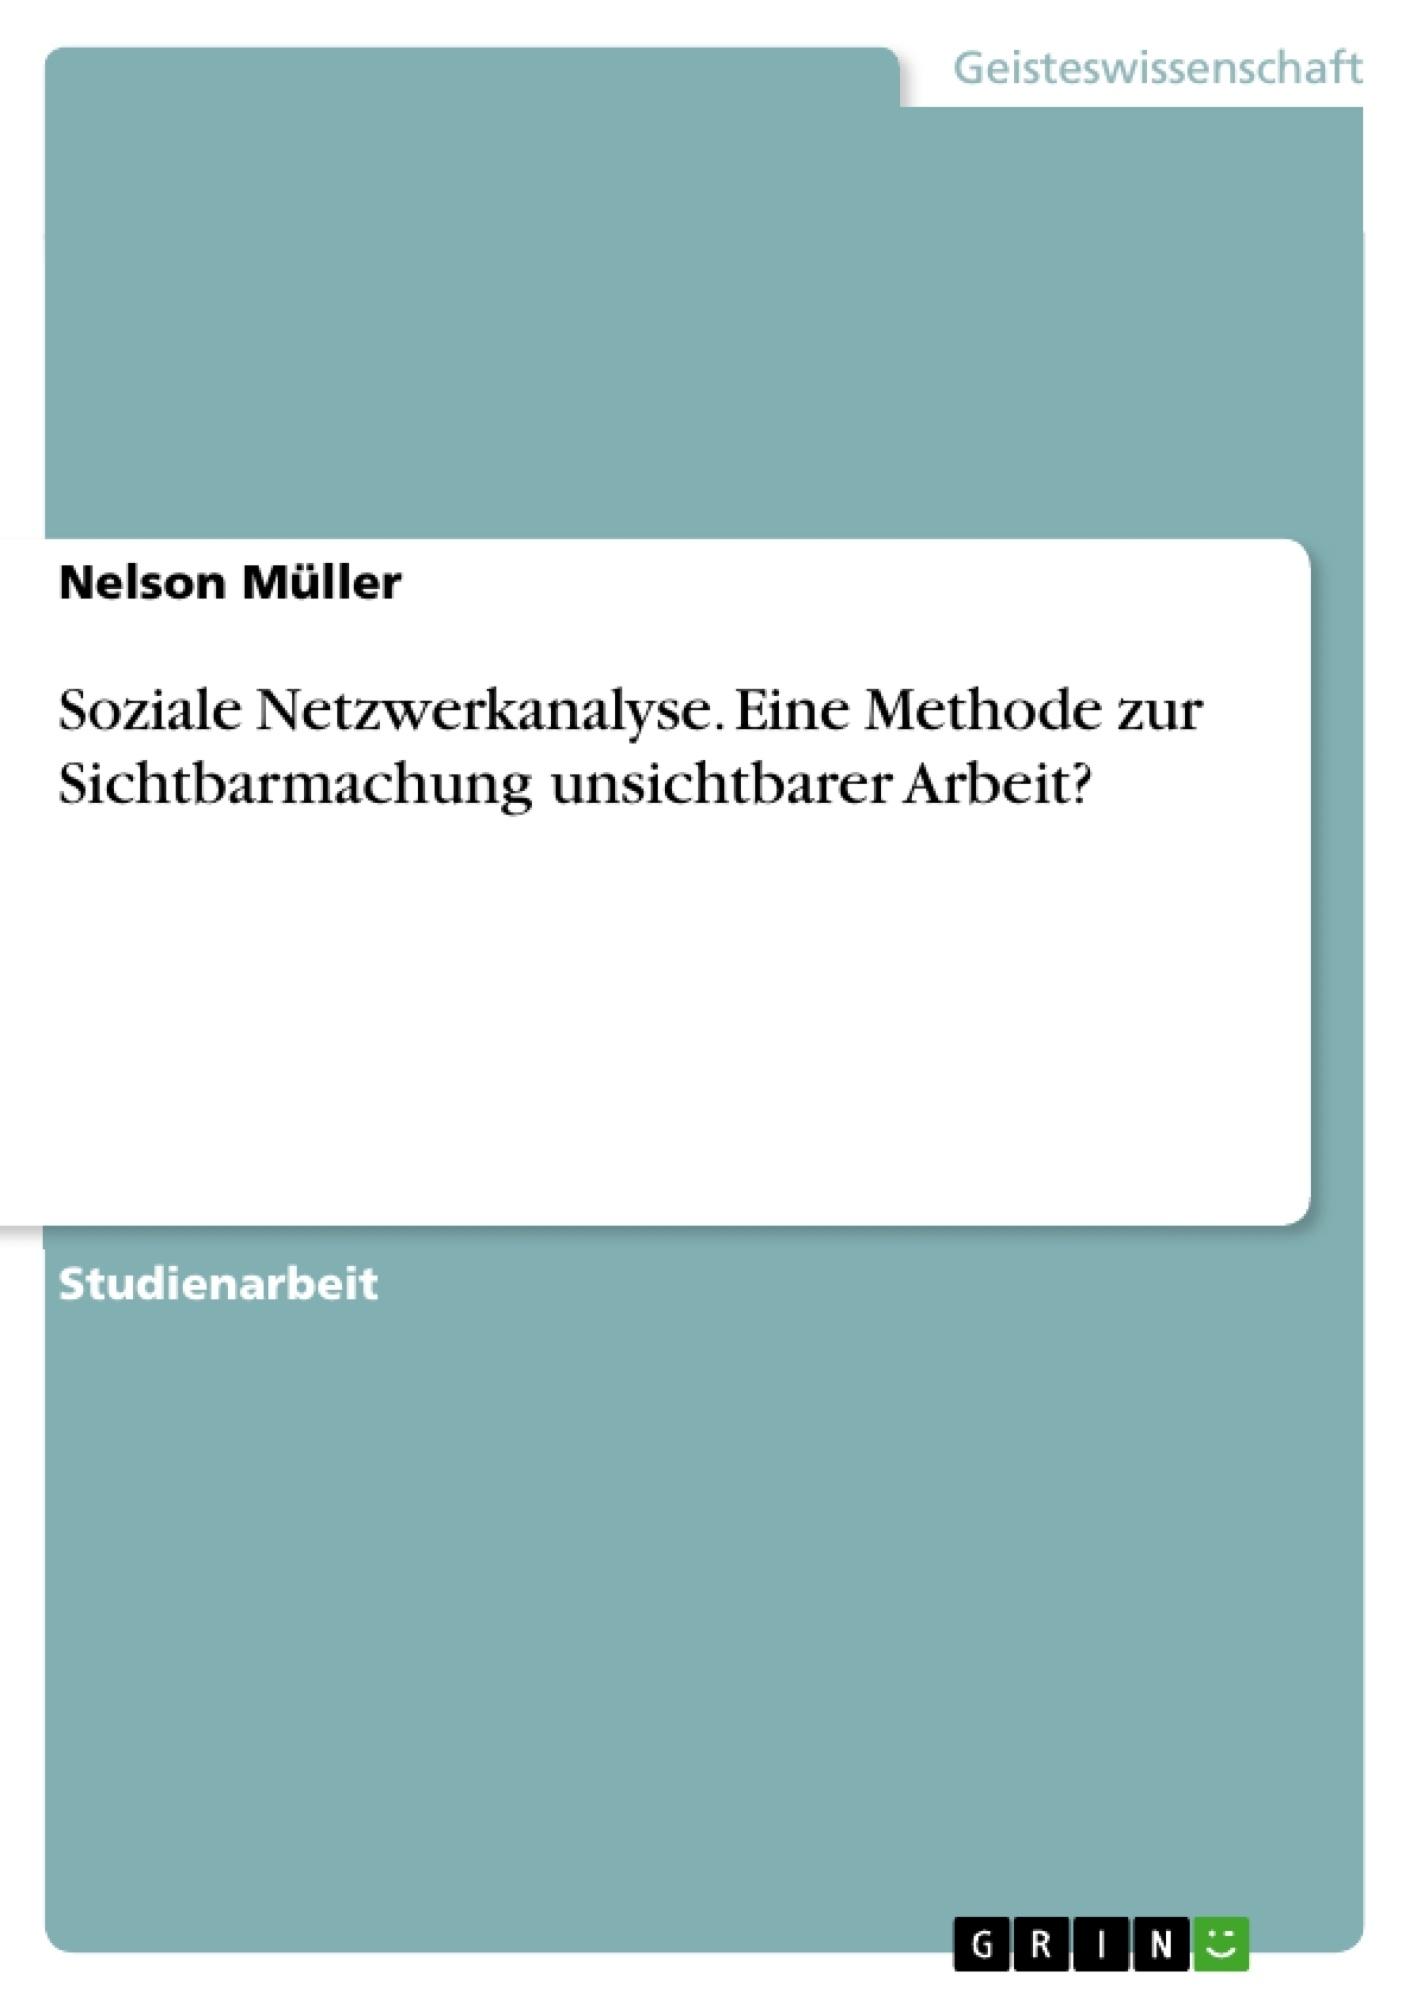 Titel: Soziale Netzwerkanalyse. Eine Methode zur Sichtbarmachung unsichtbarer Arbeit?